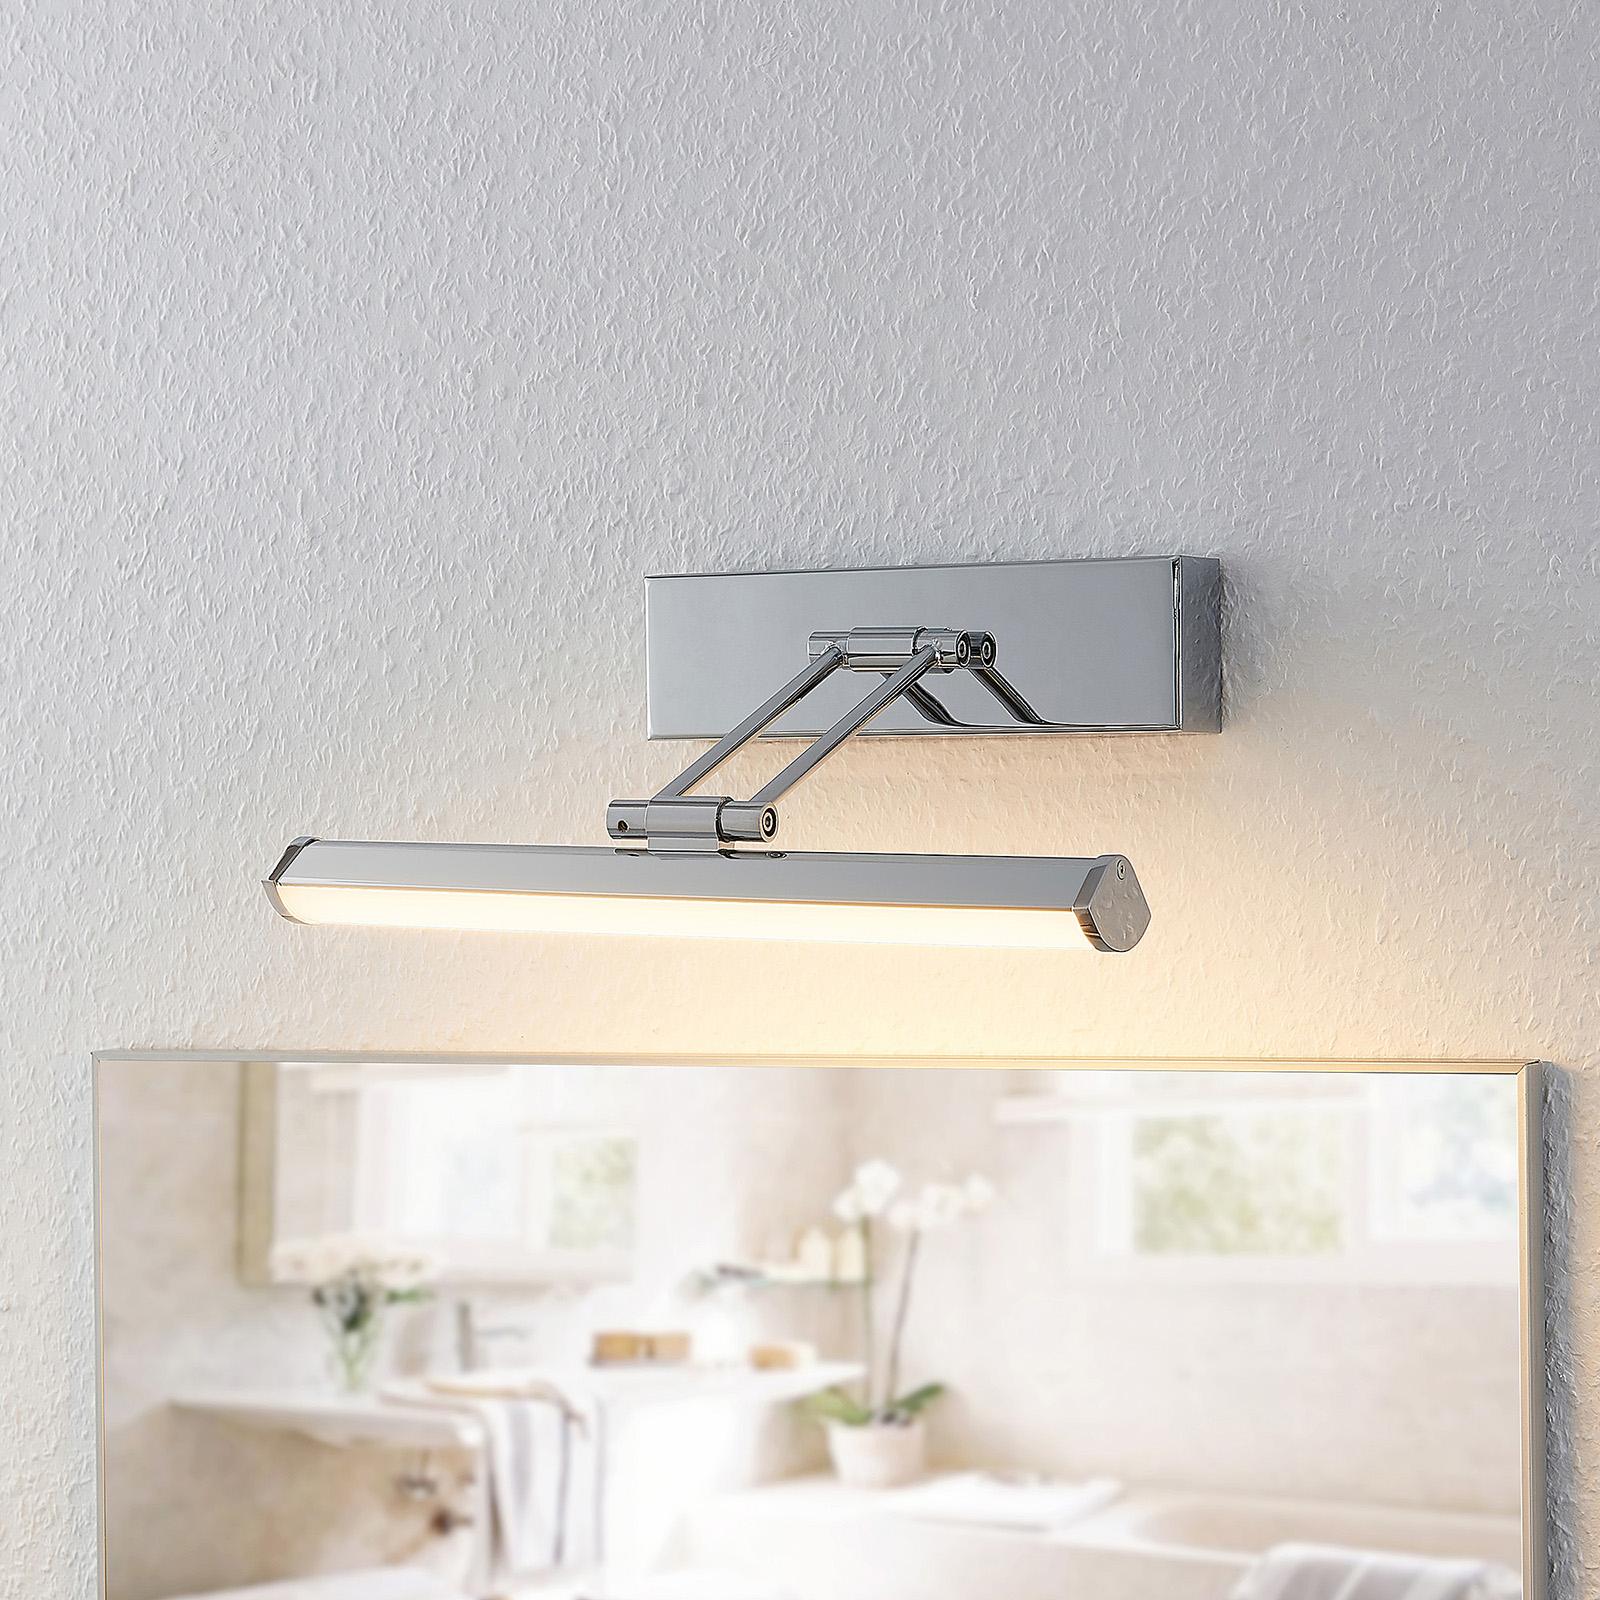 Lindby Sanya LED-spejllampe, 30 cm